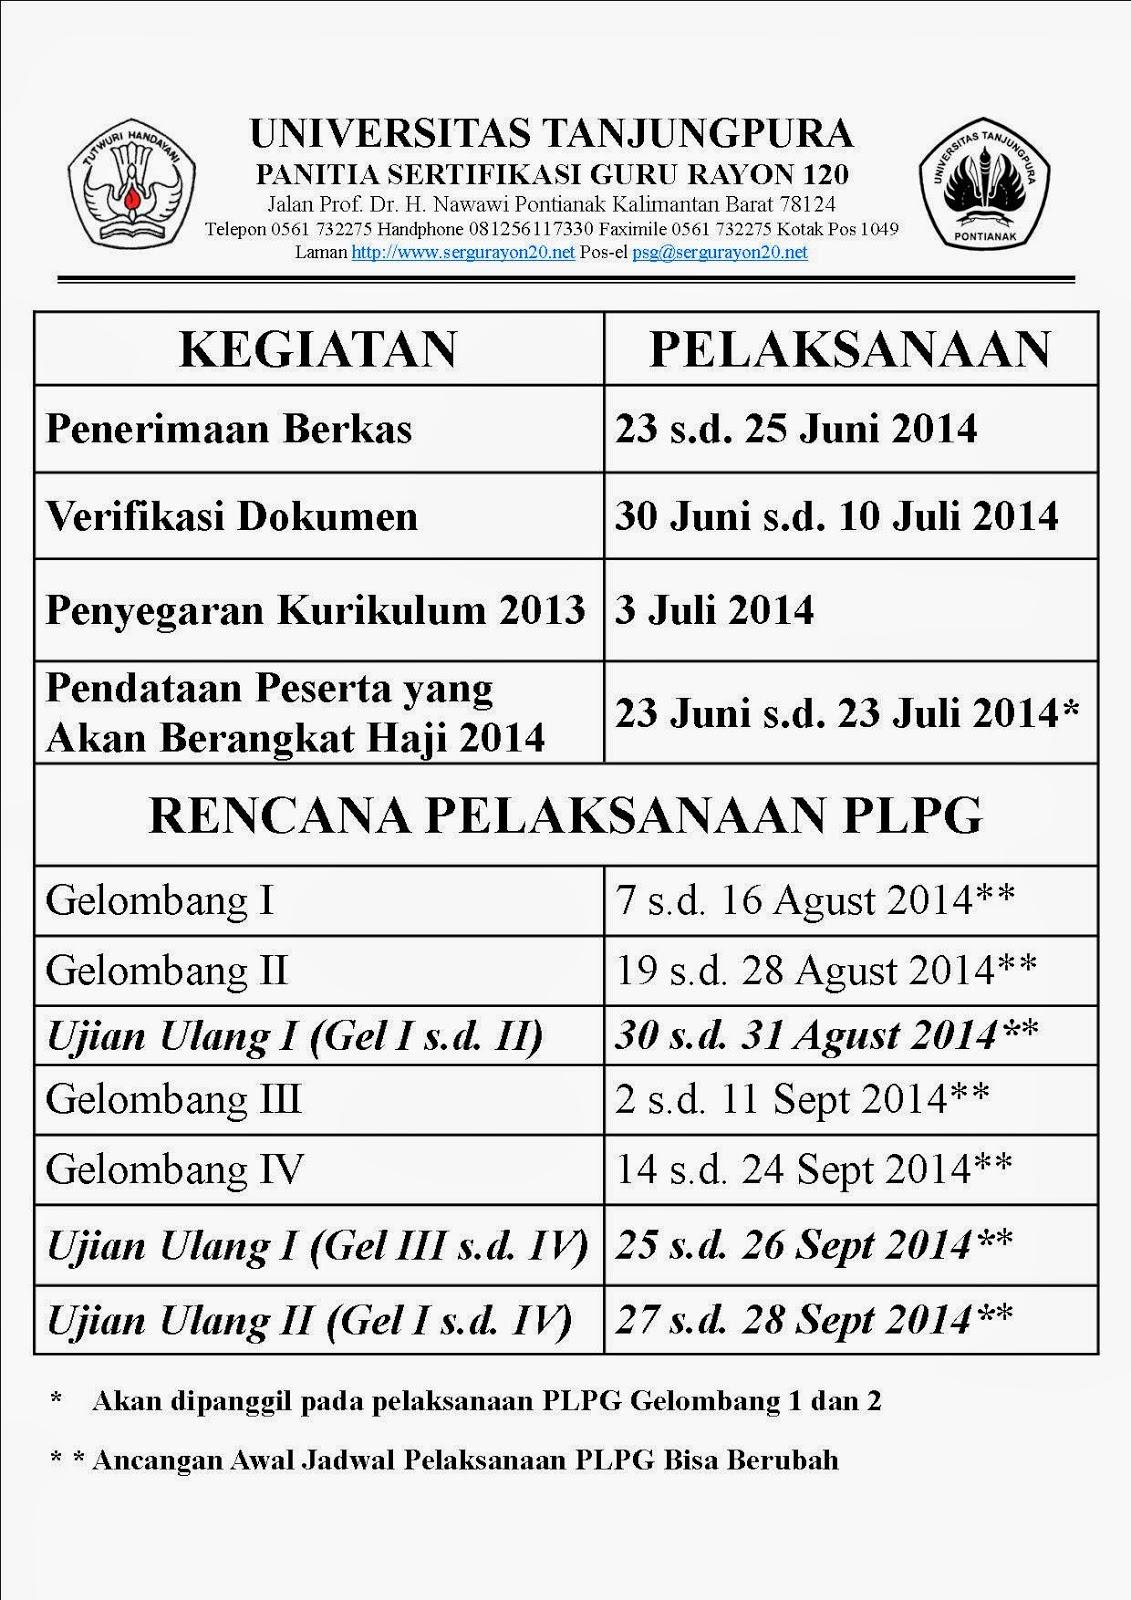 Peserta dan Jadwal Hasil PLPG 2014 Rayon 120 UNTAN pict